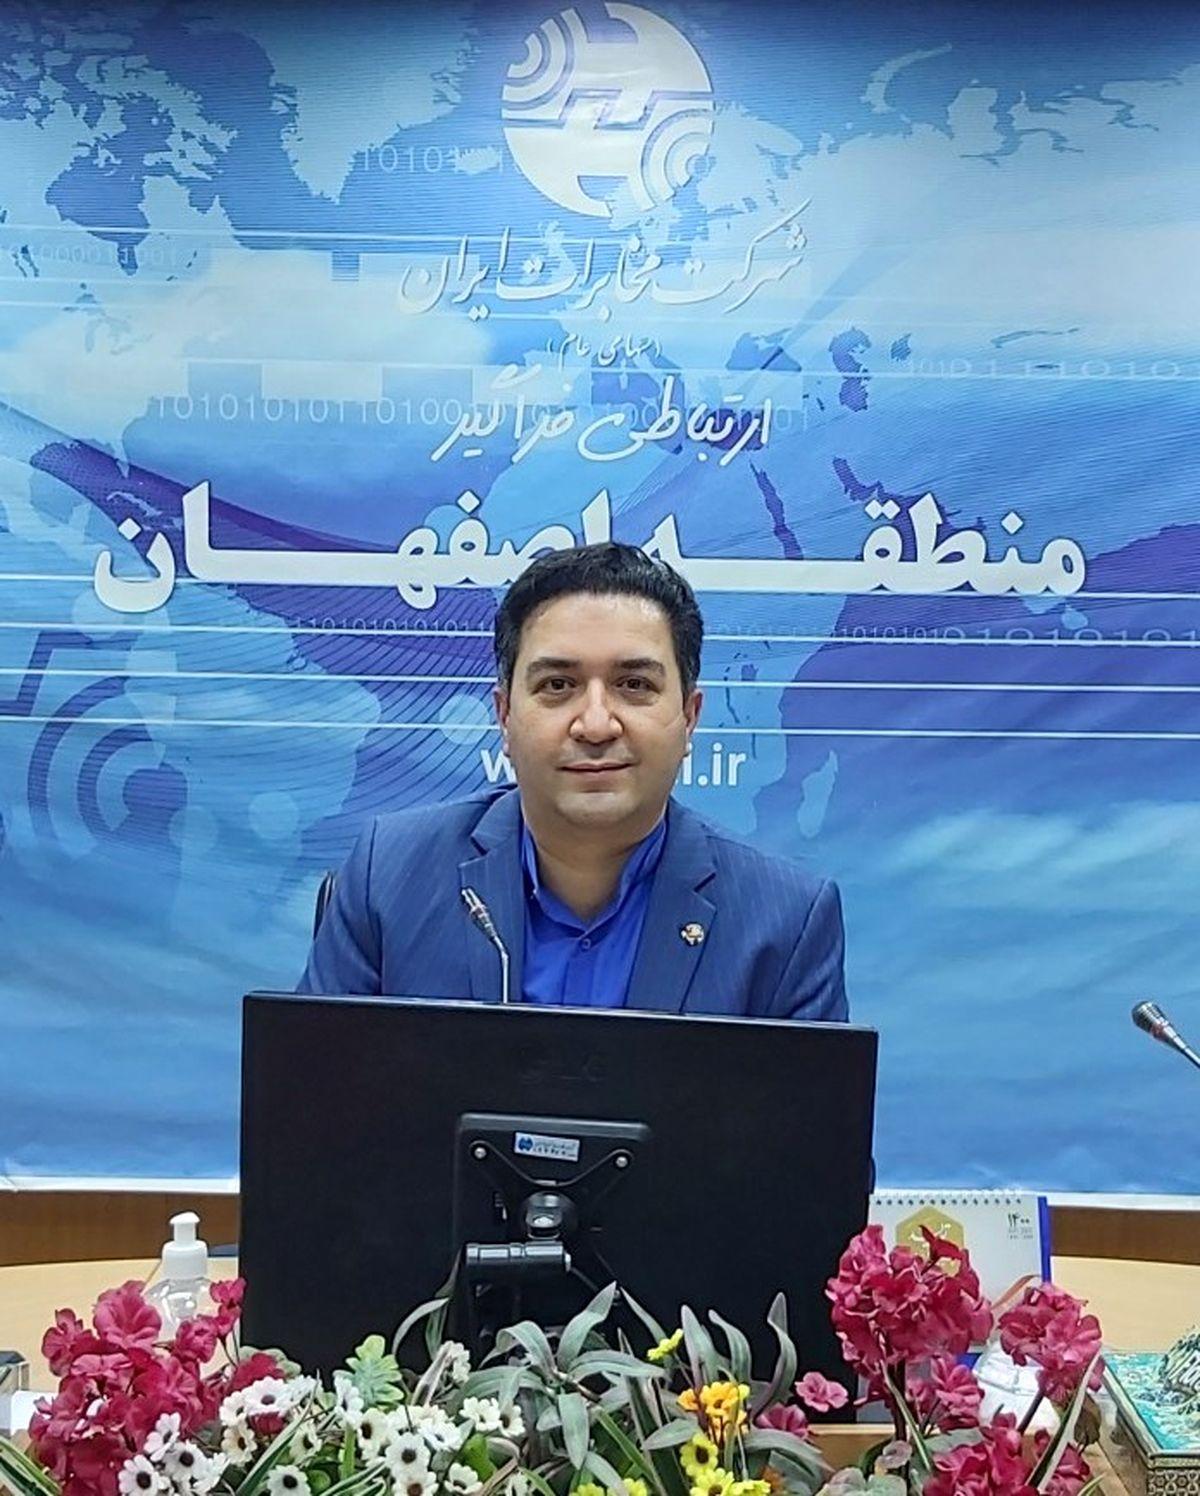 پیام تبریک رئیس اداره روابط عمومی مخابرات منطقه اصفهان به مناسبت روز جهانی ارتباطات و روابط عمومی